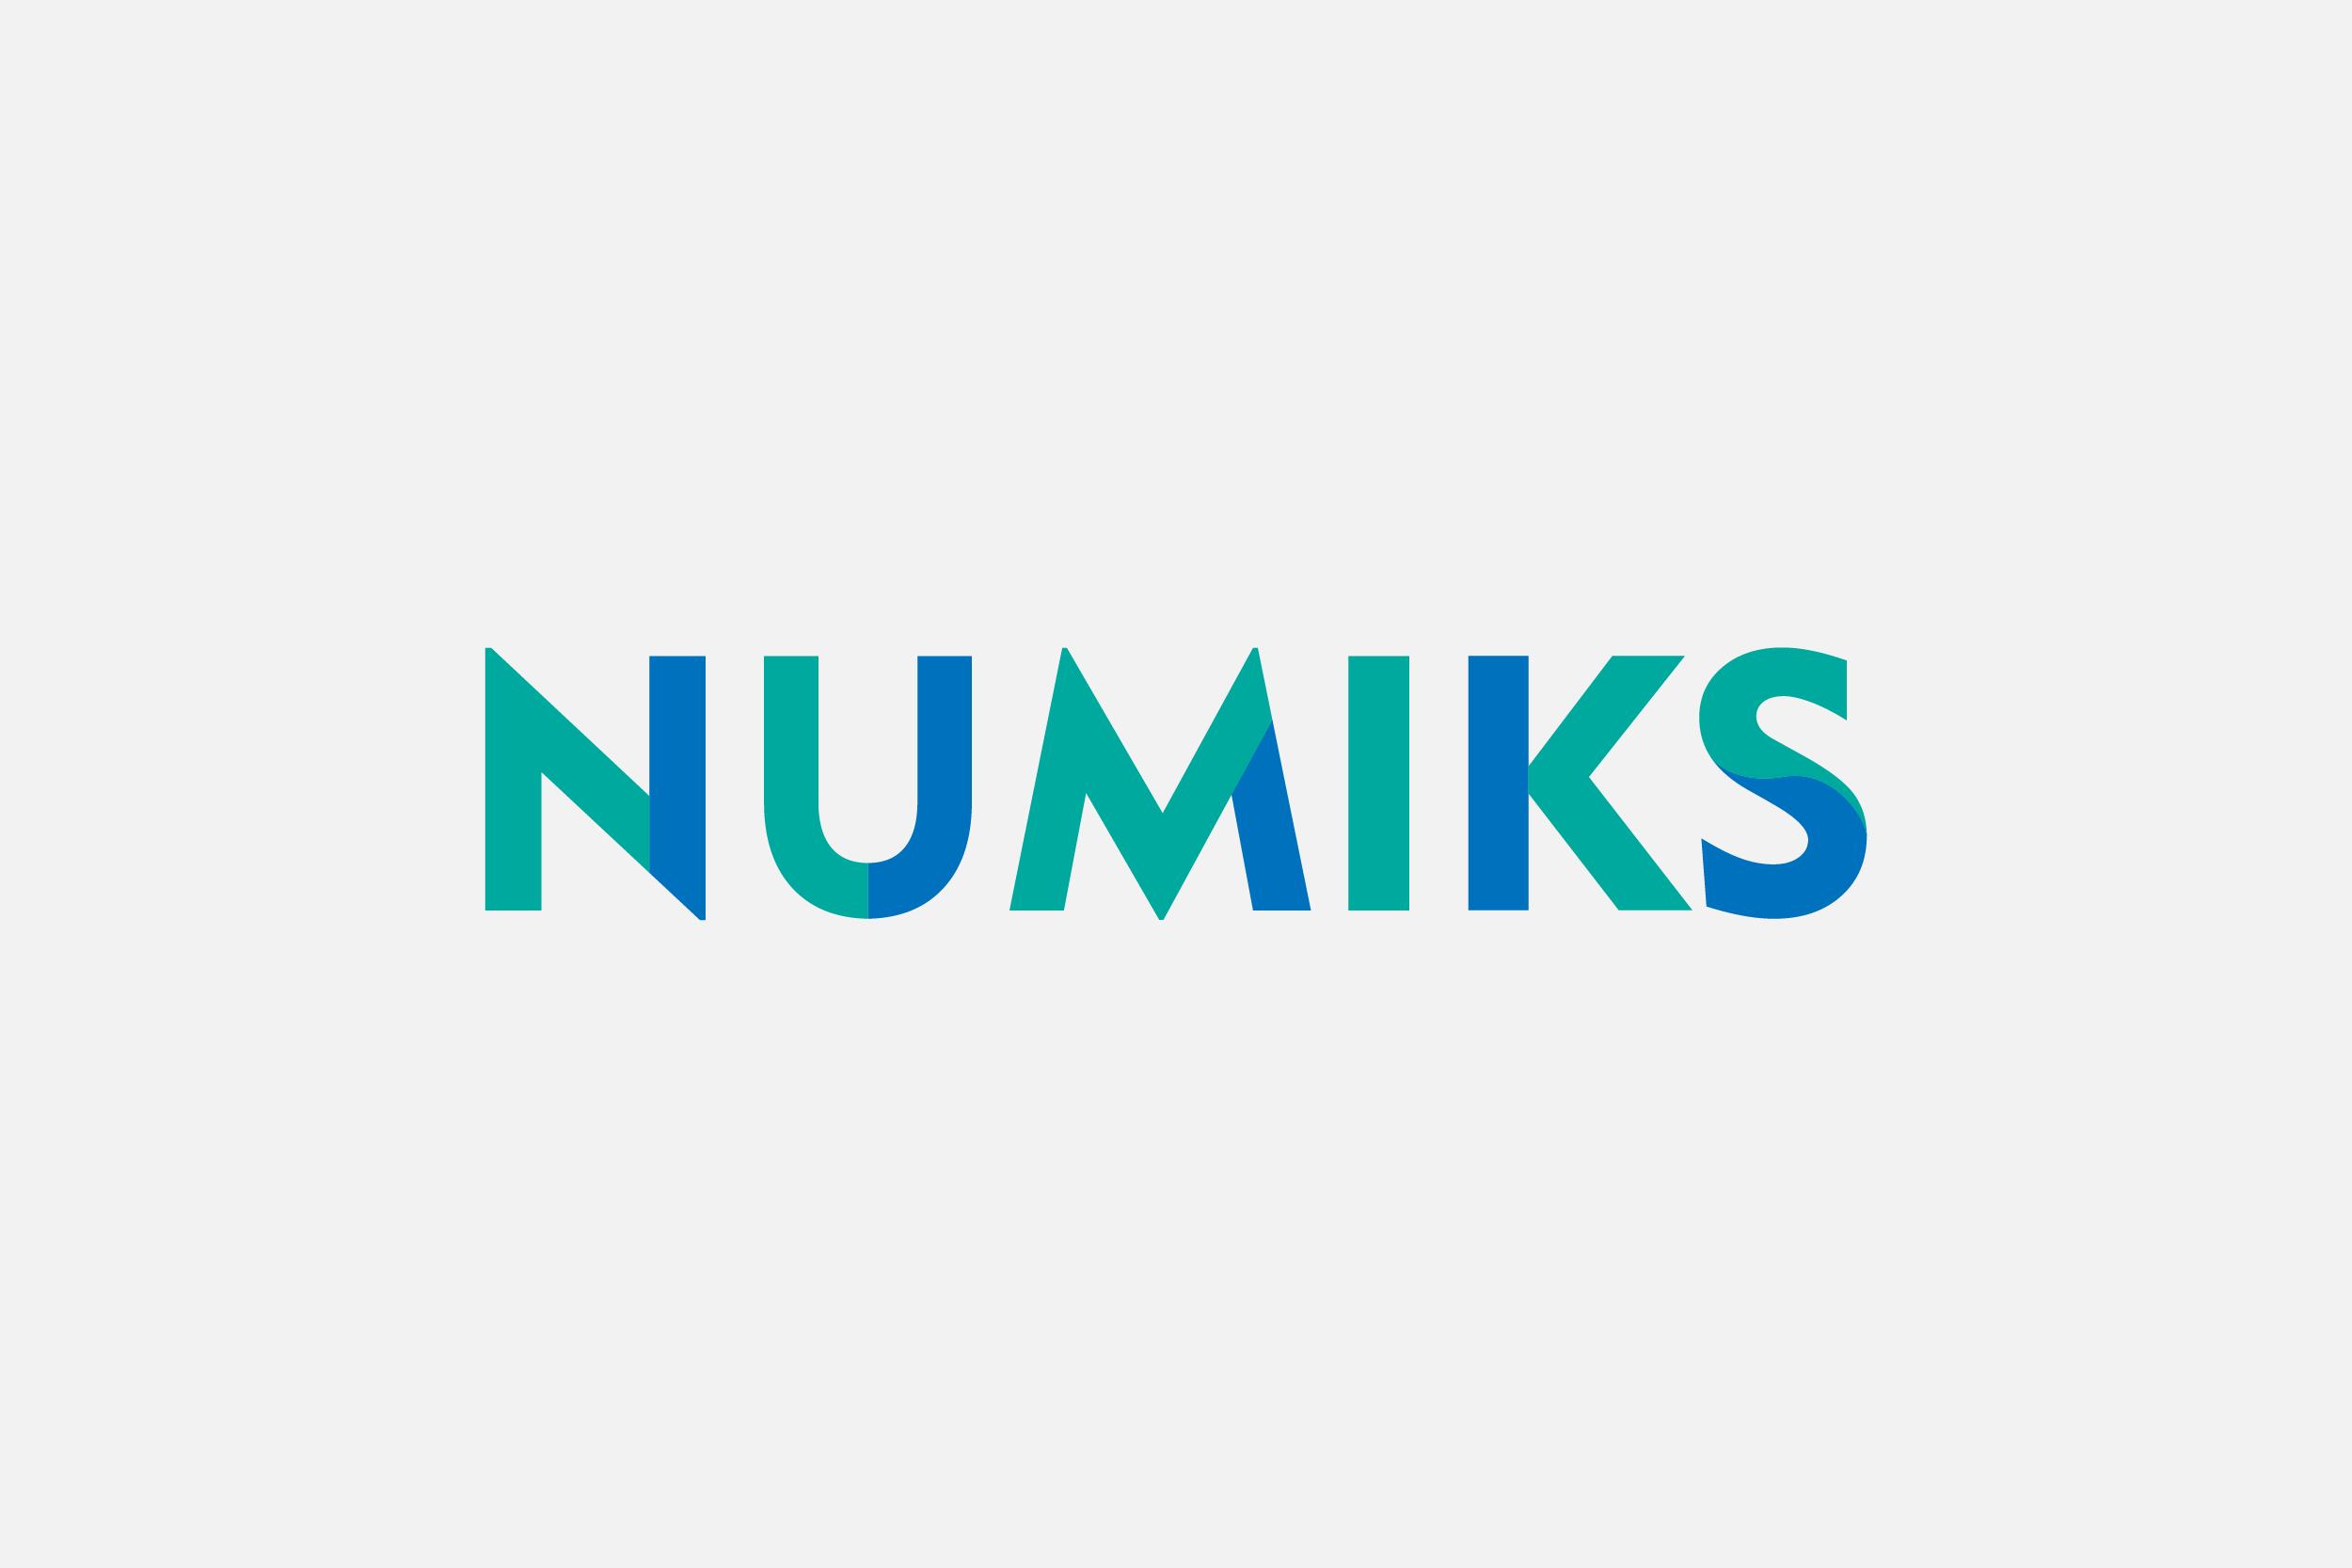 Логотип для интернет-магазина фото f_1815ec6688e806c6.png